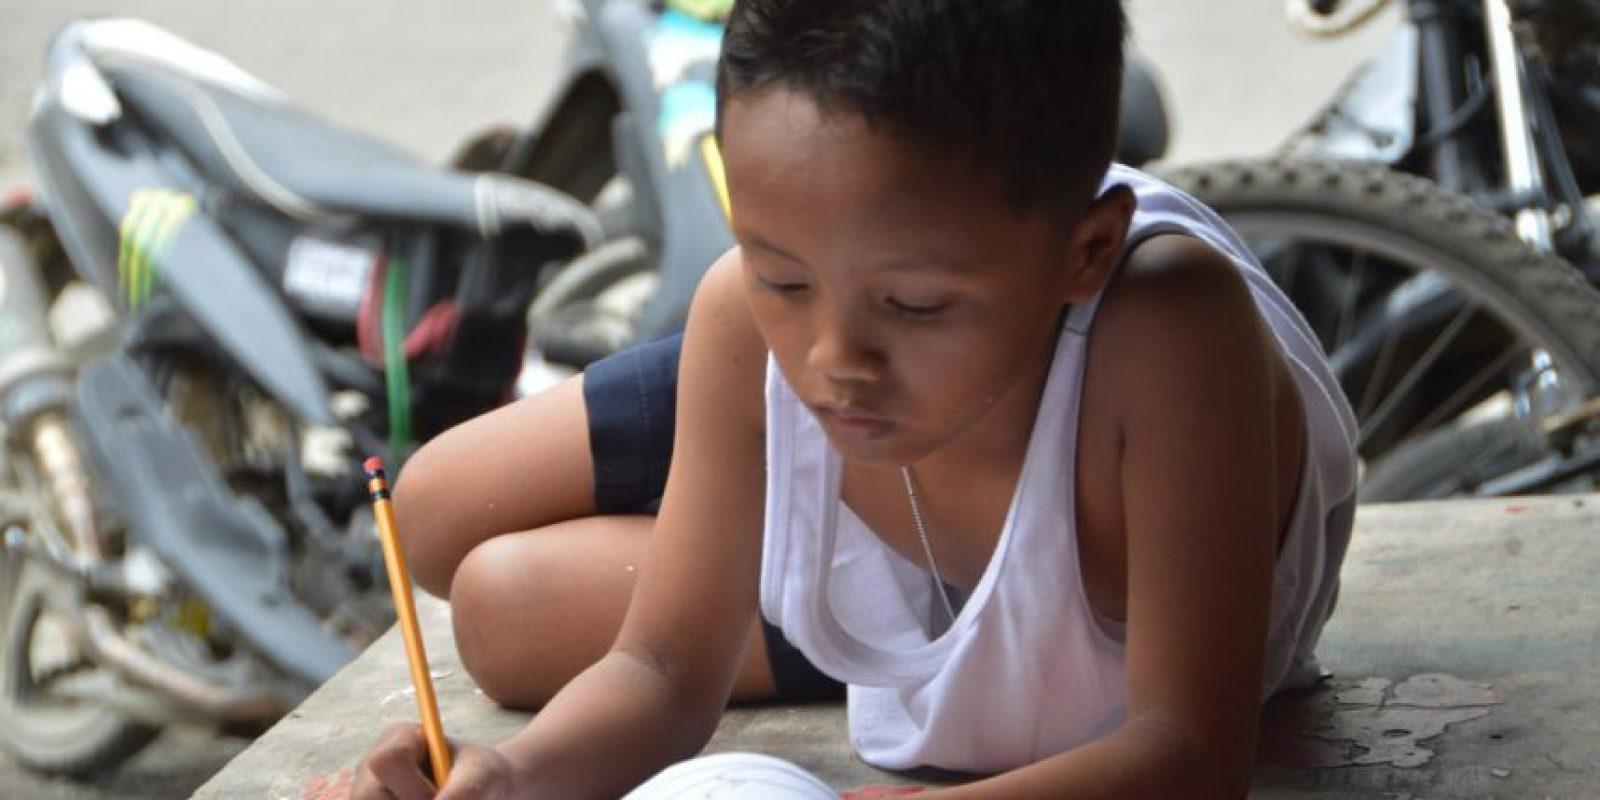 El menor recibió una beca para poder terminar la escuela Foto:AFP